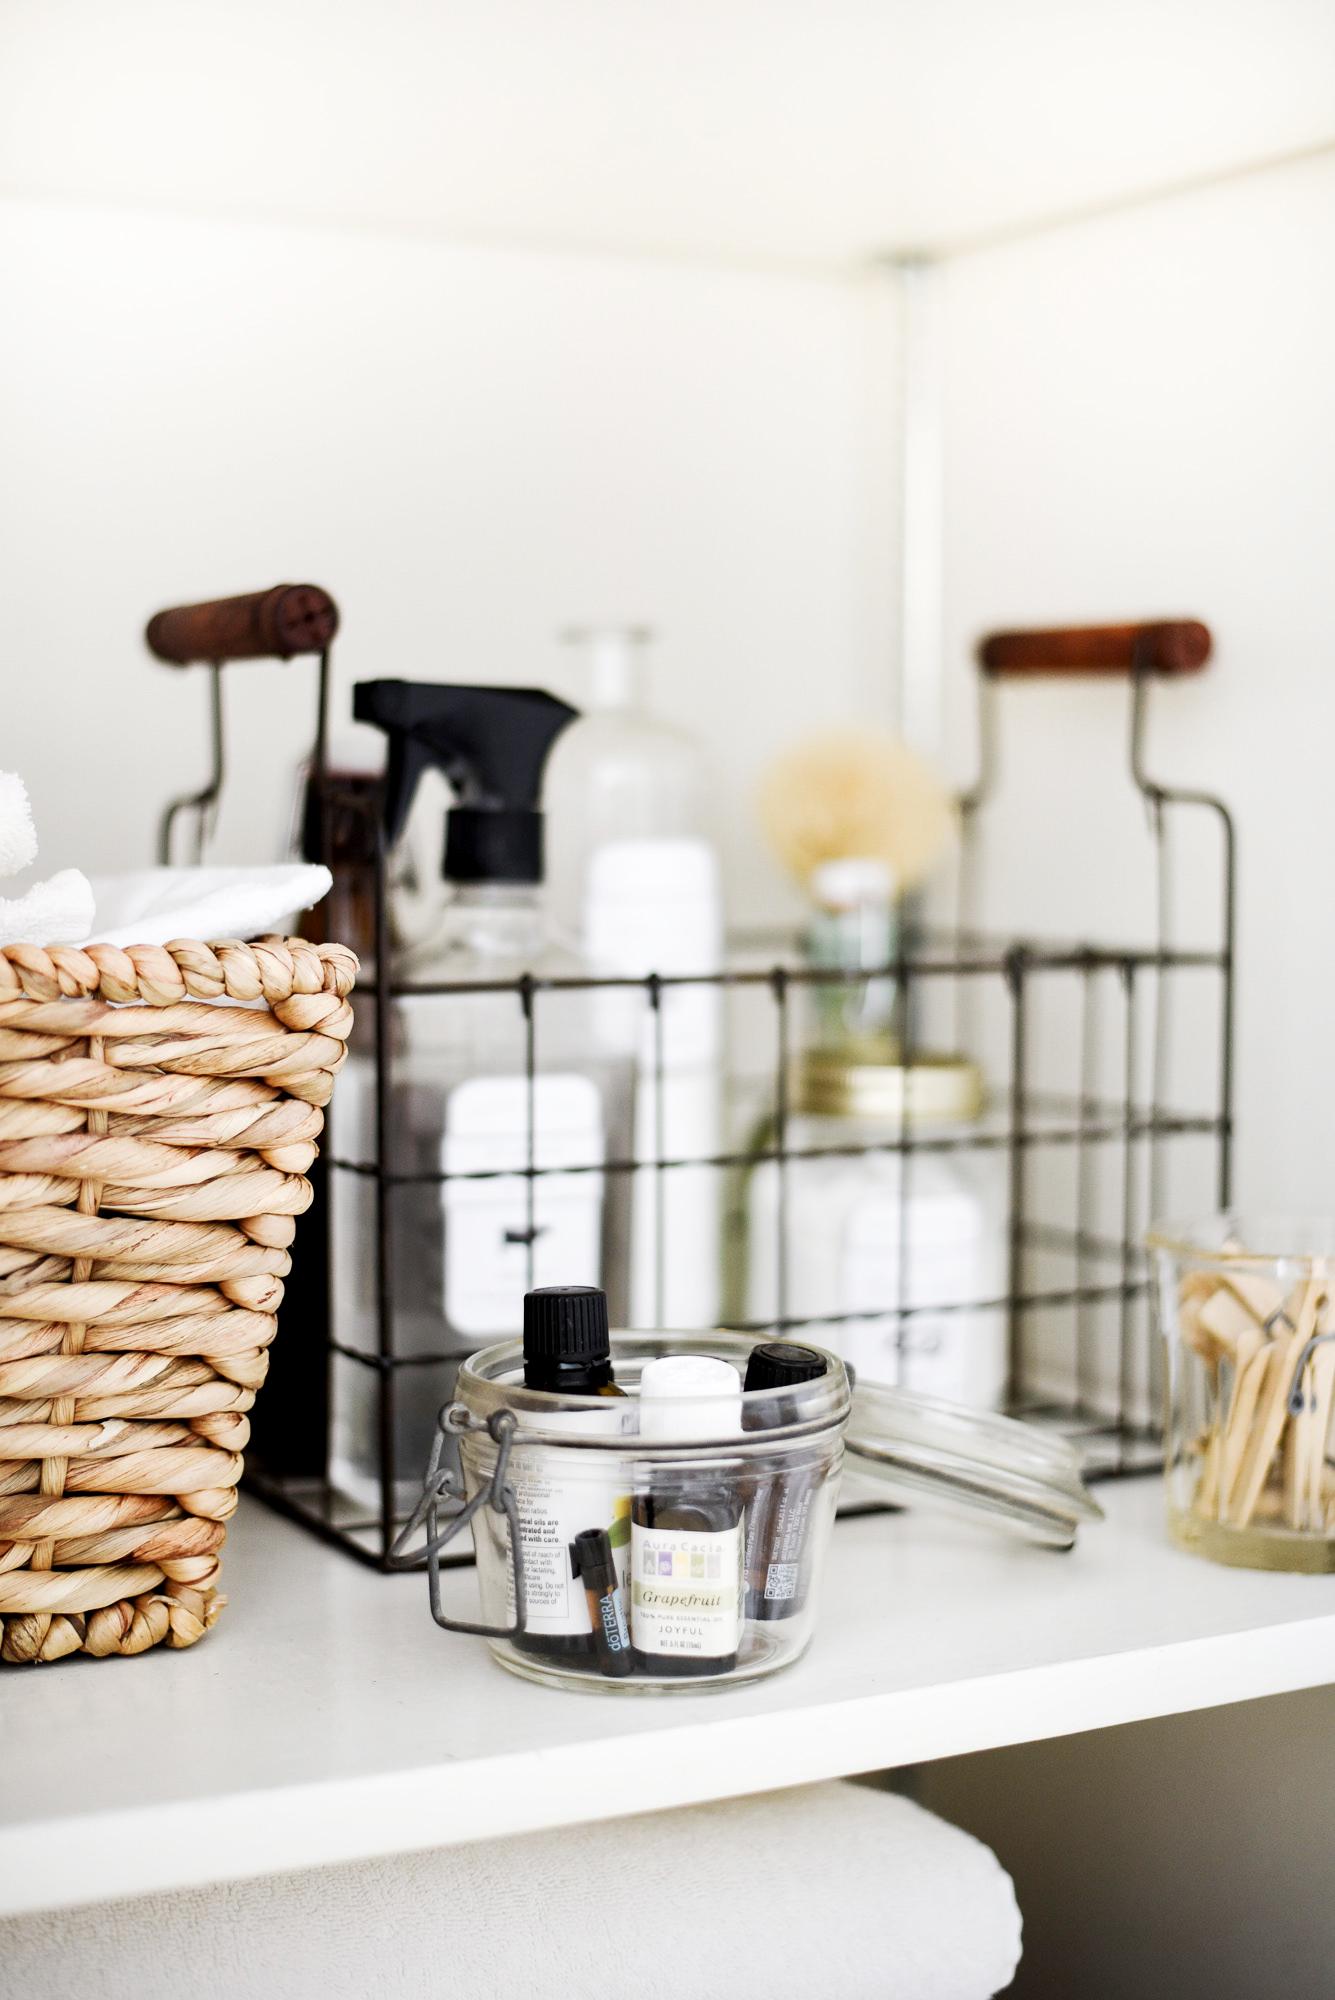 Jules and louis blog - natuurlijke schoonmaakproducten - foto via Boxwood Avenue.jpg